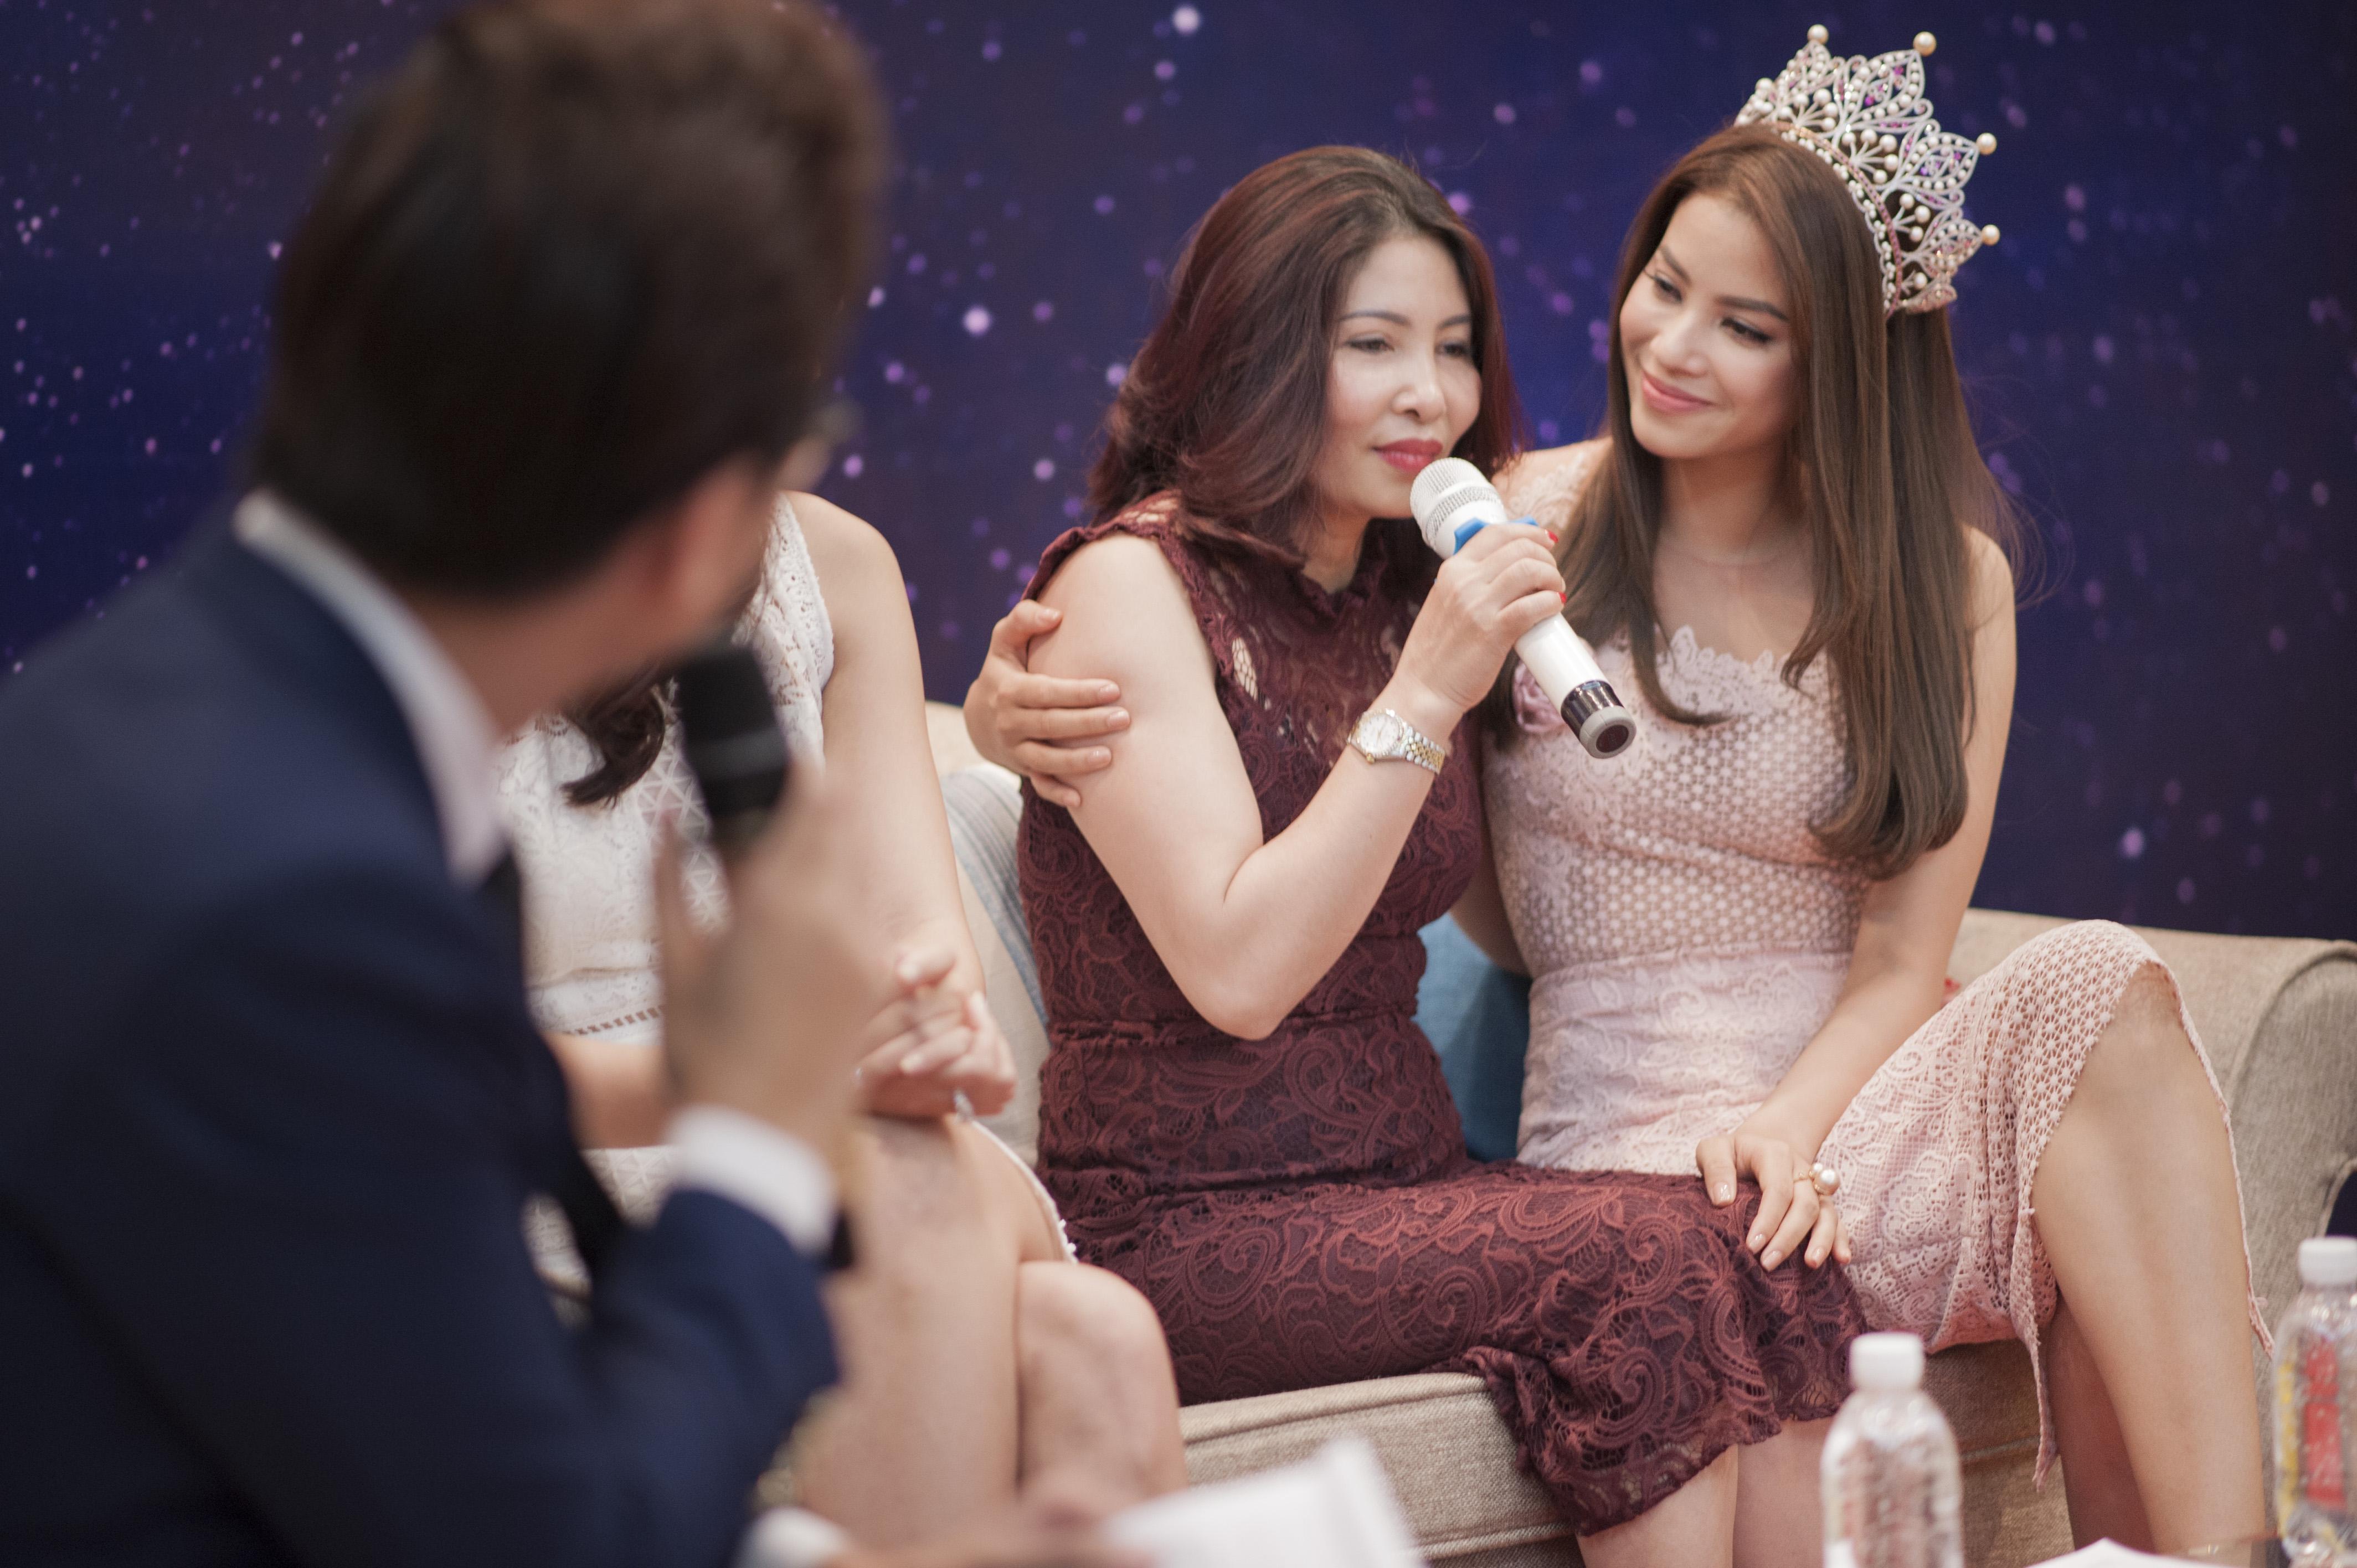 Phạm Hương rơi nước mắt gặp lại mẹ tại quê nhà Hải Phòng 6